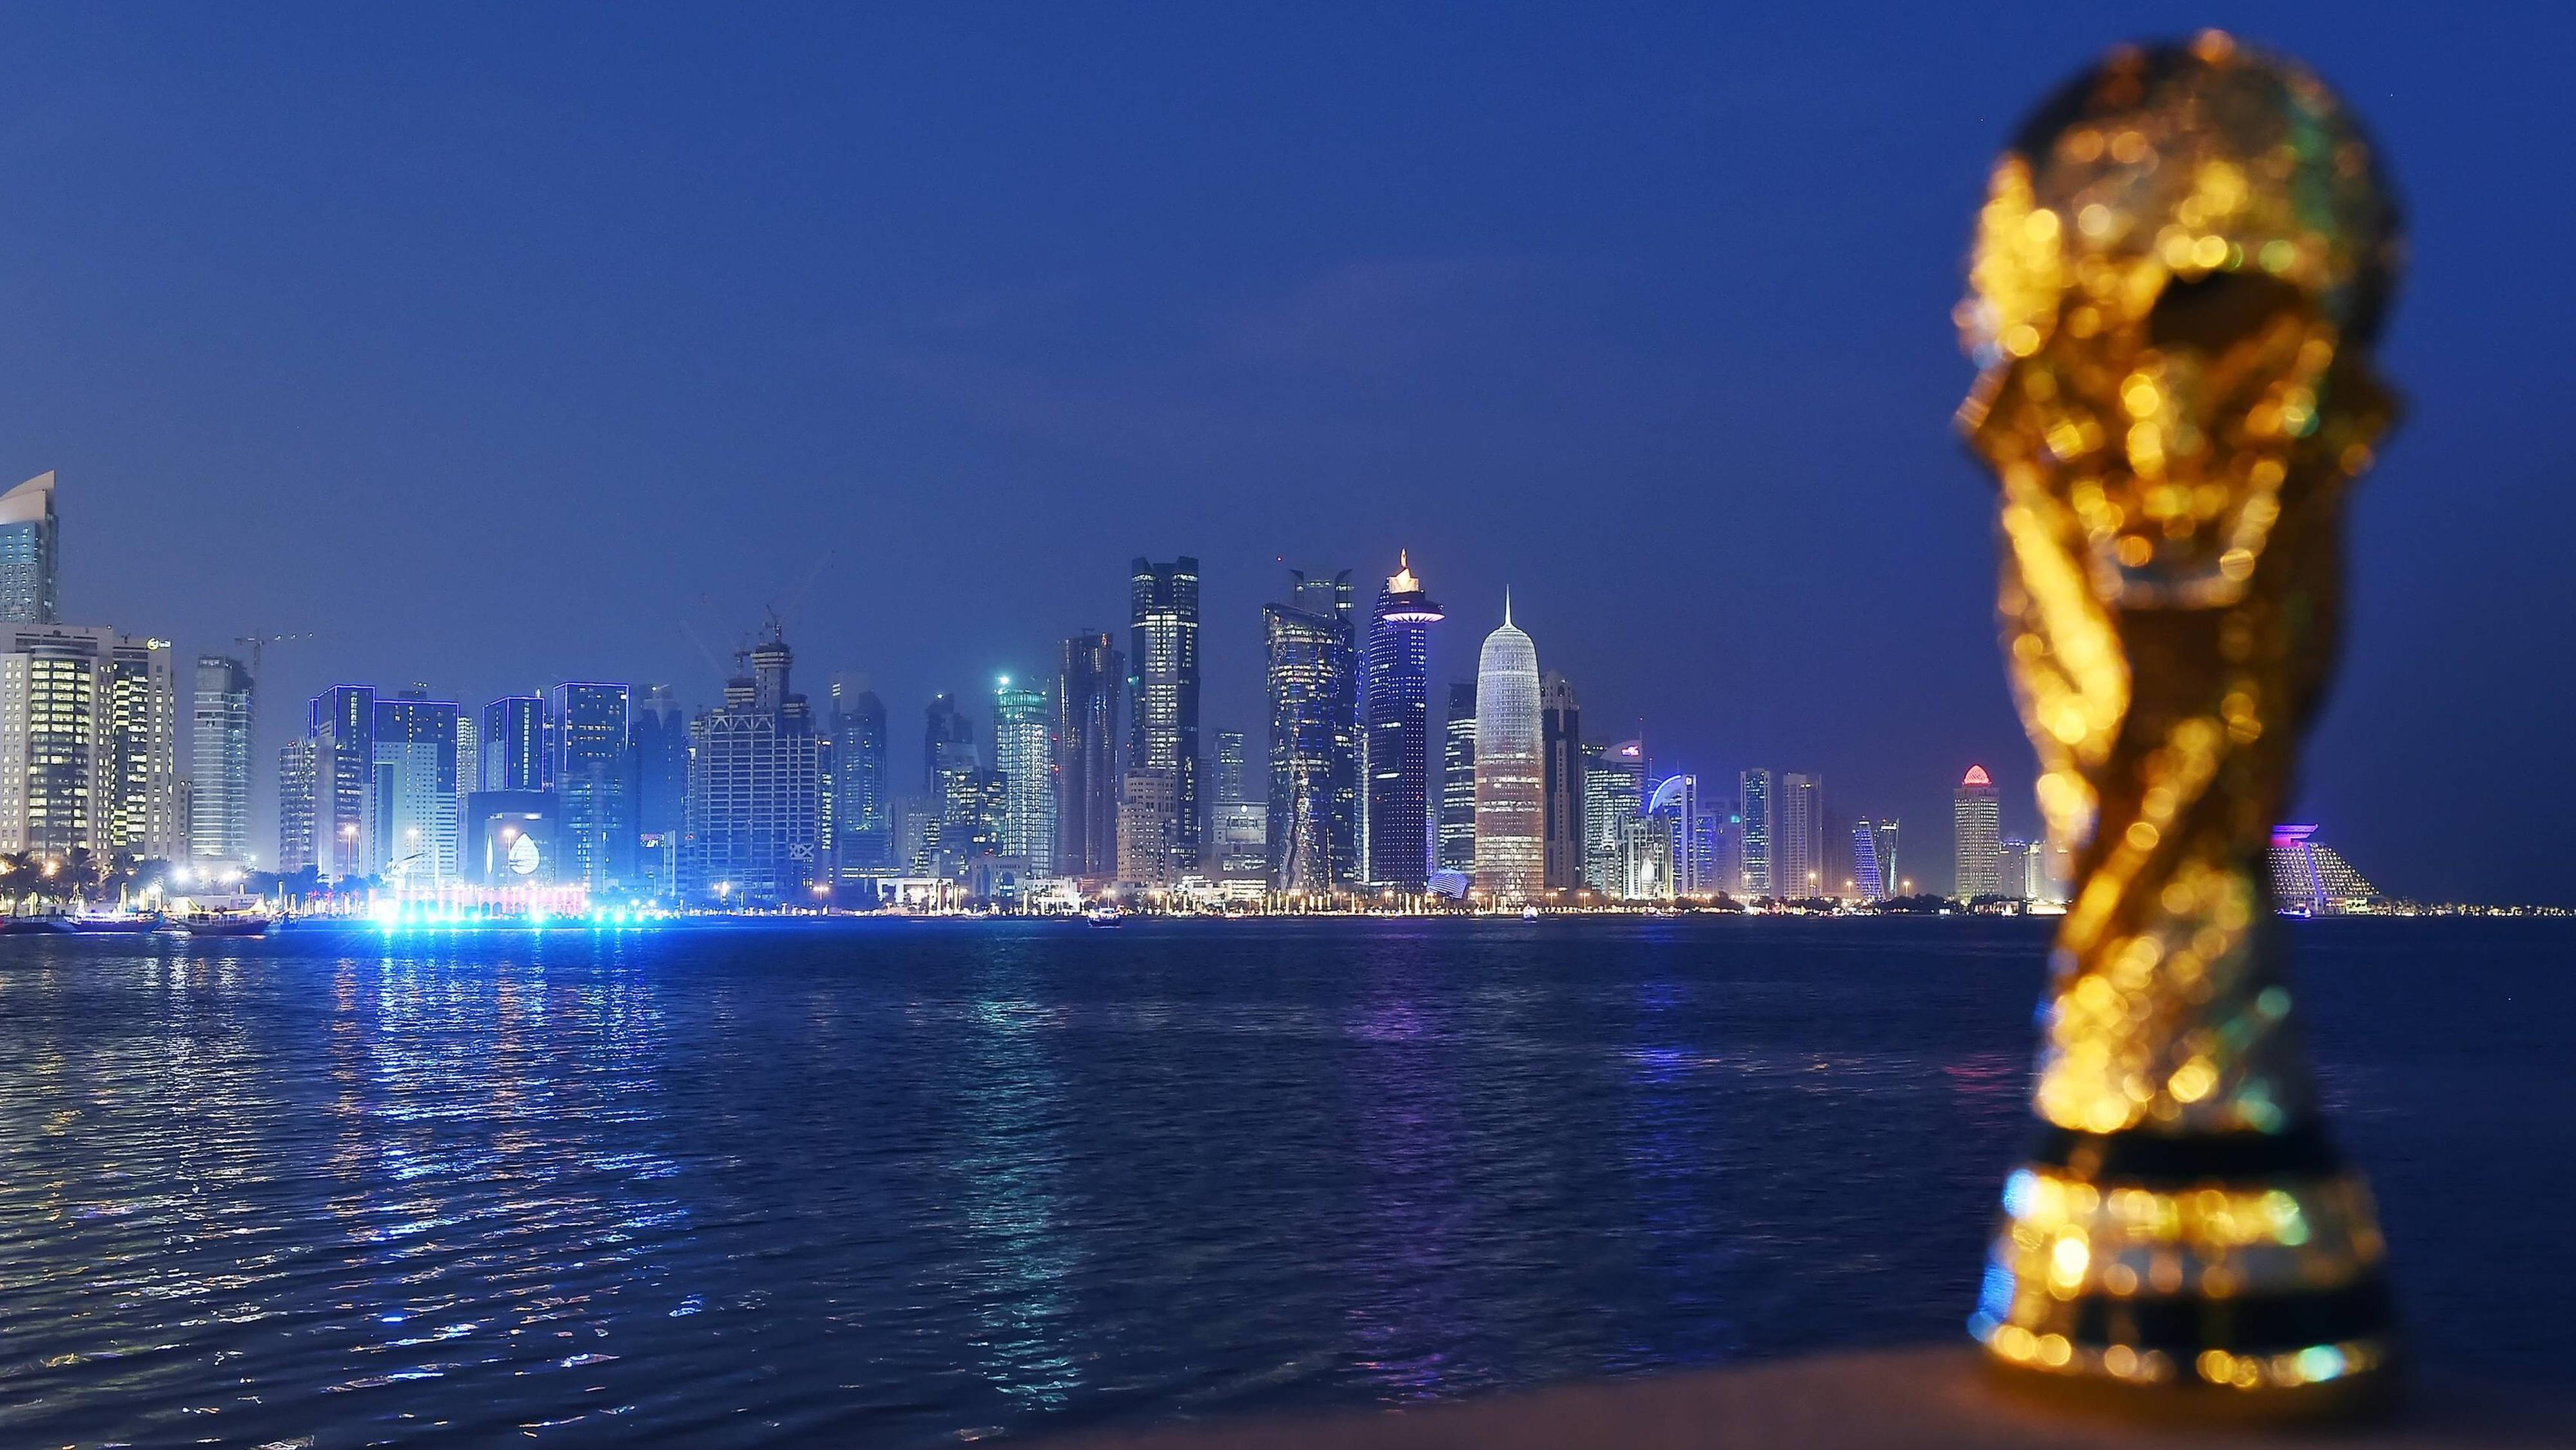 Winter-WM in Katar: Bundesliga erwägt Spiele während des Turniers